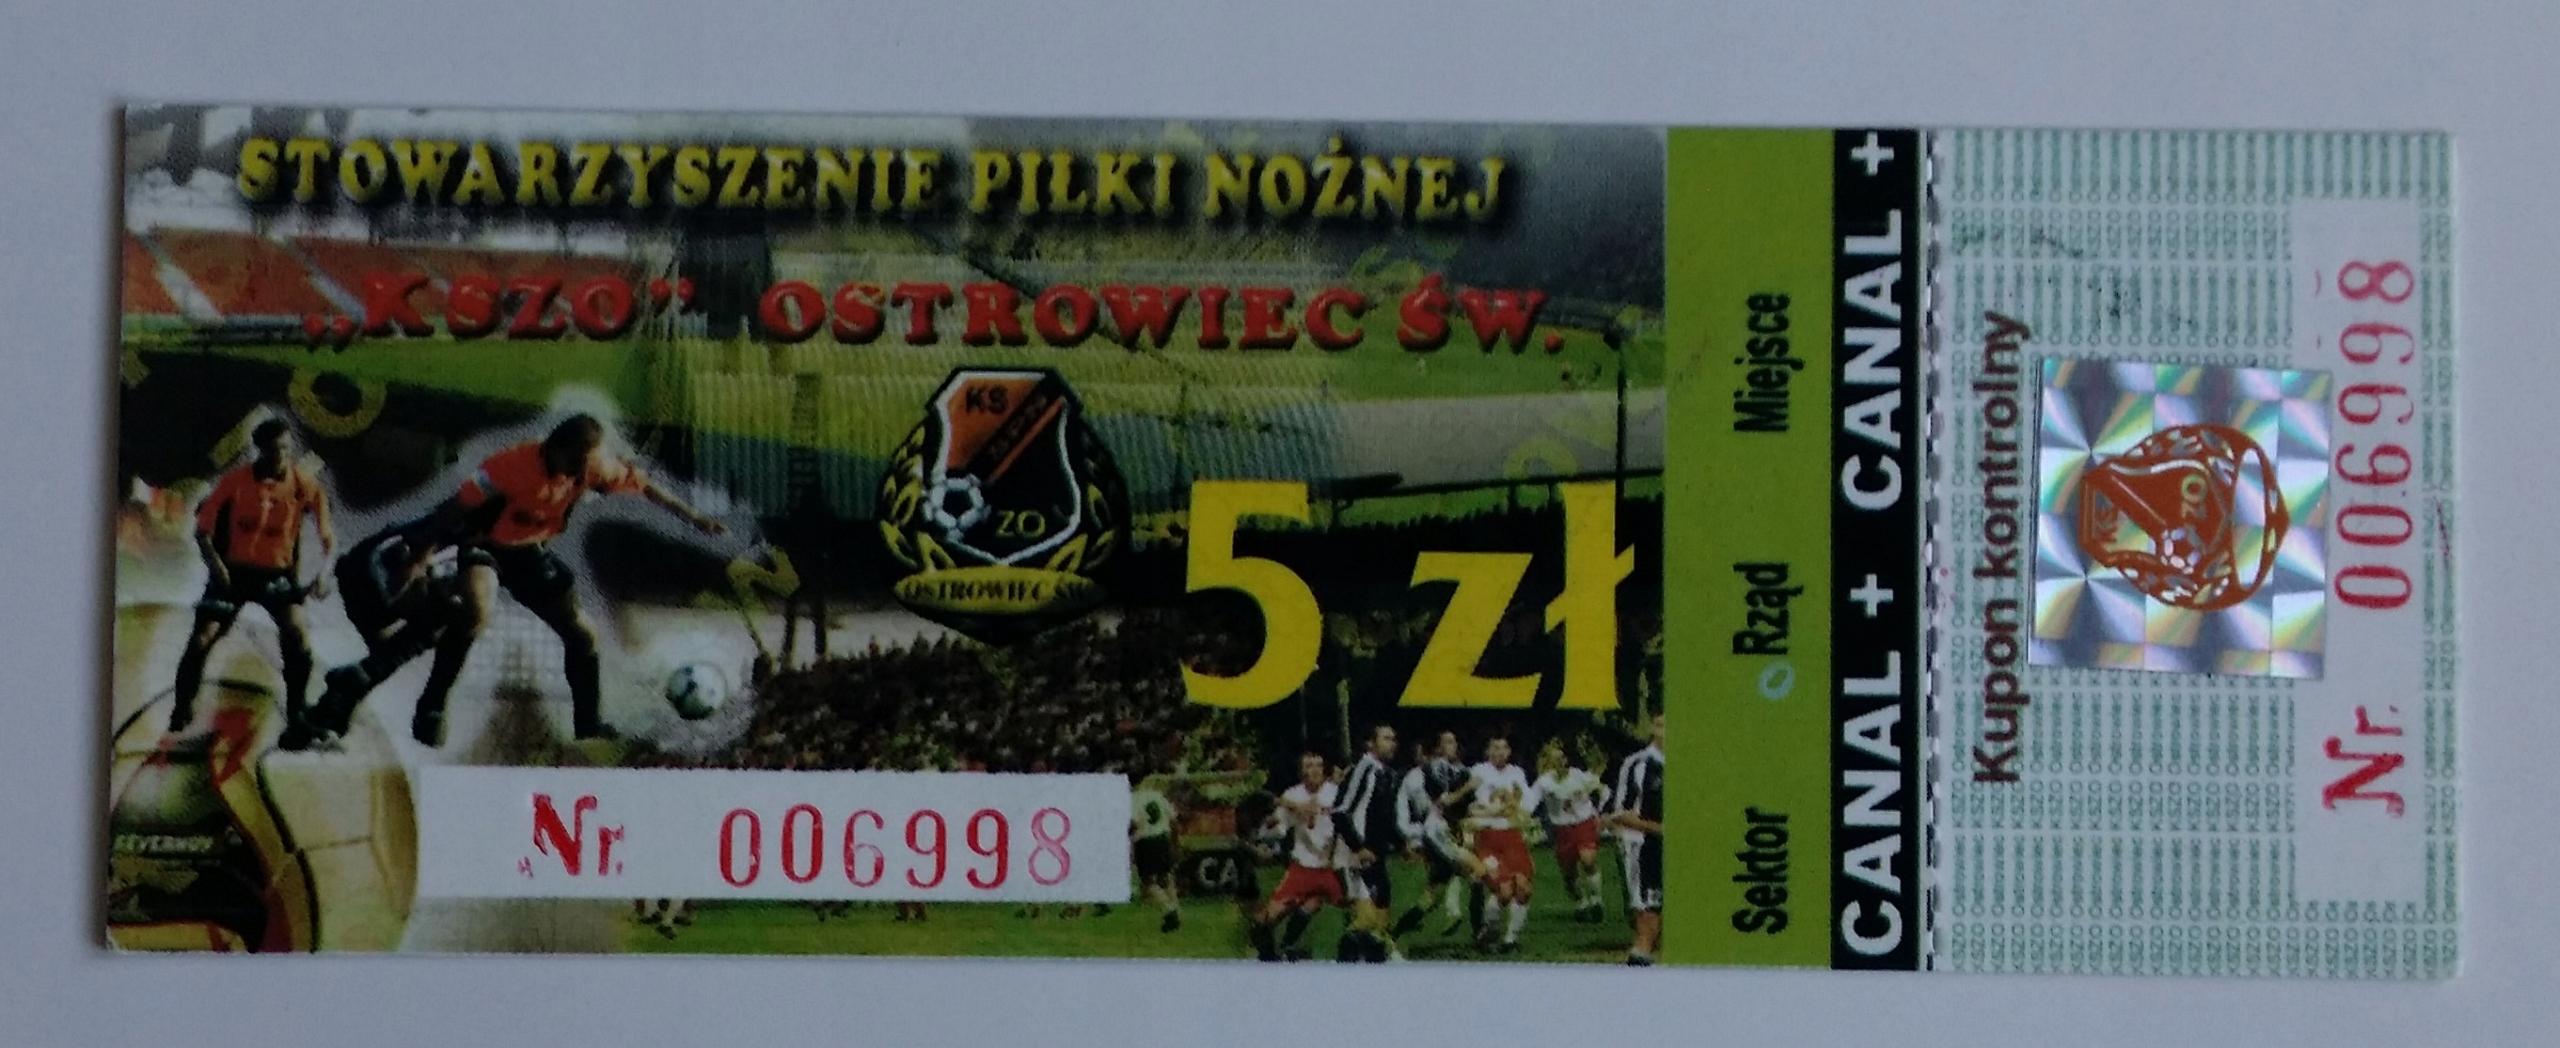 Bilet KSZO Ostrowiec Św.